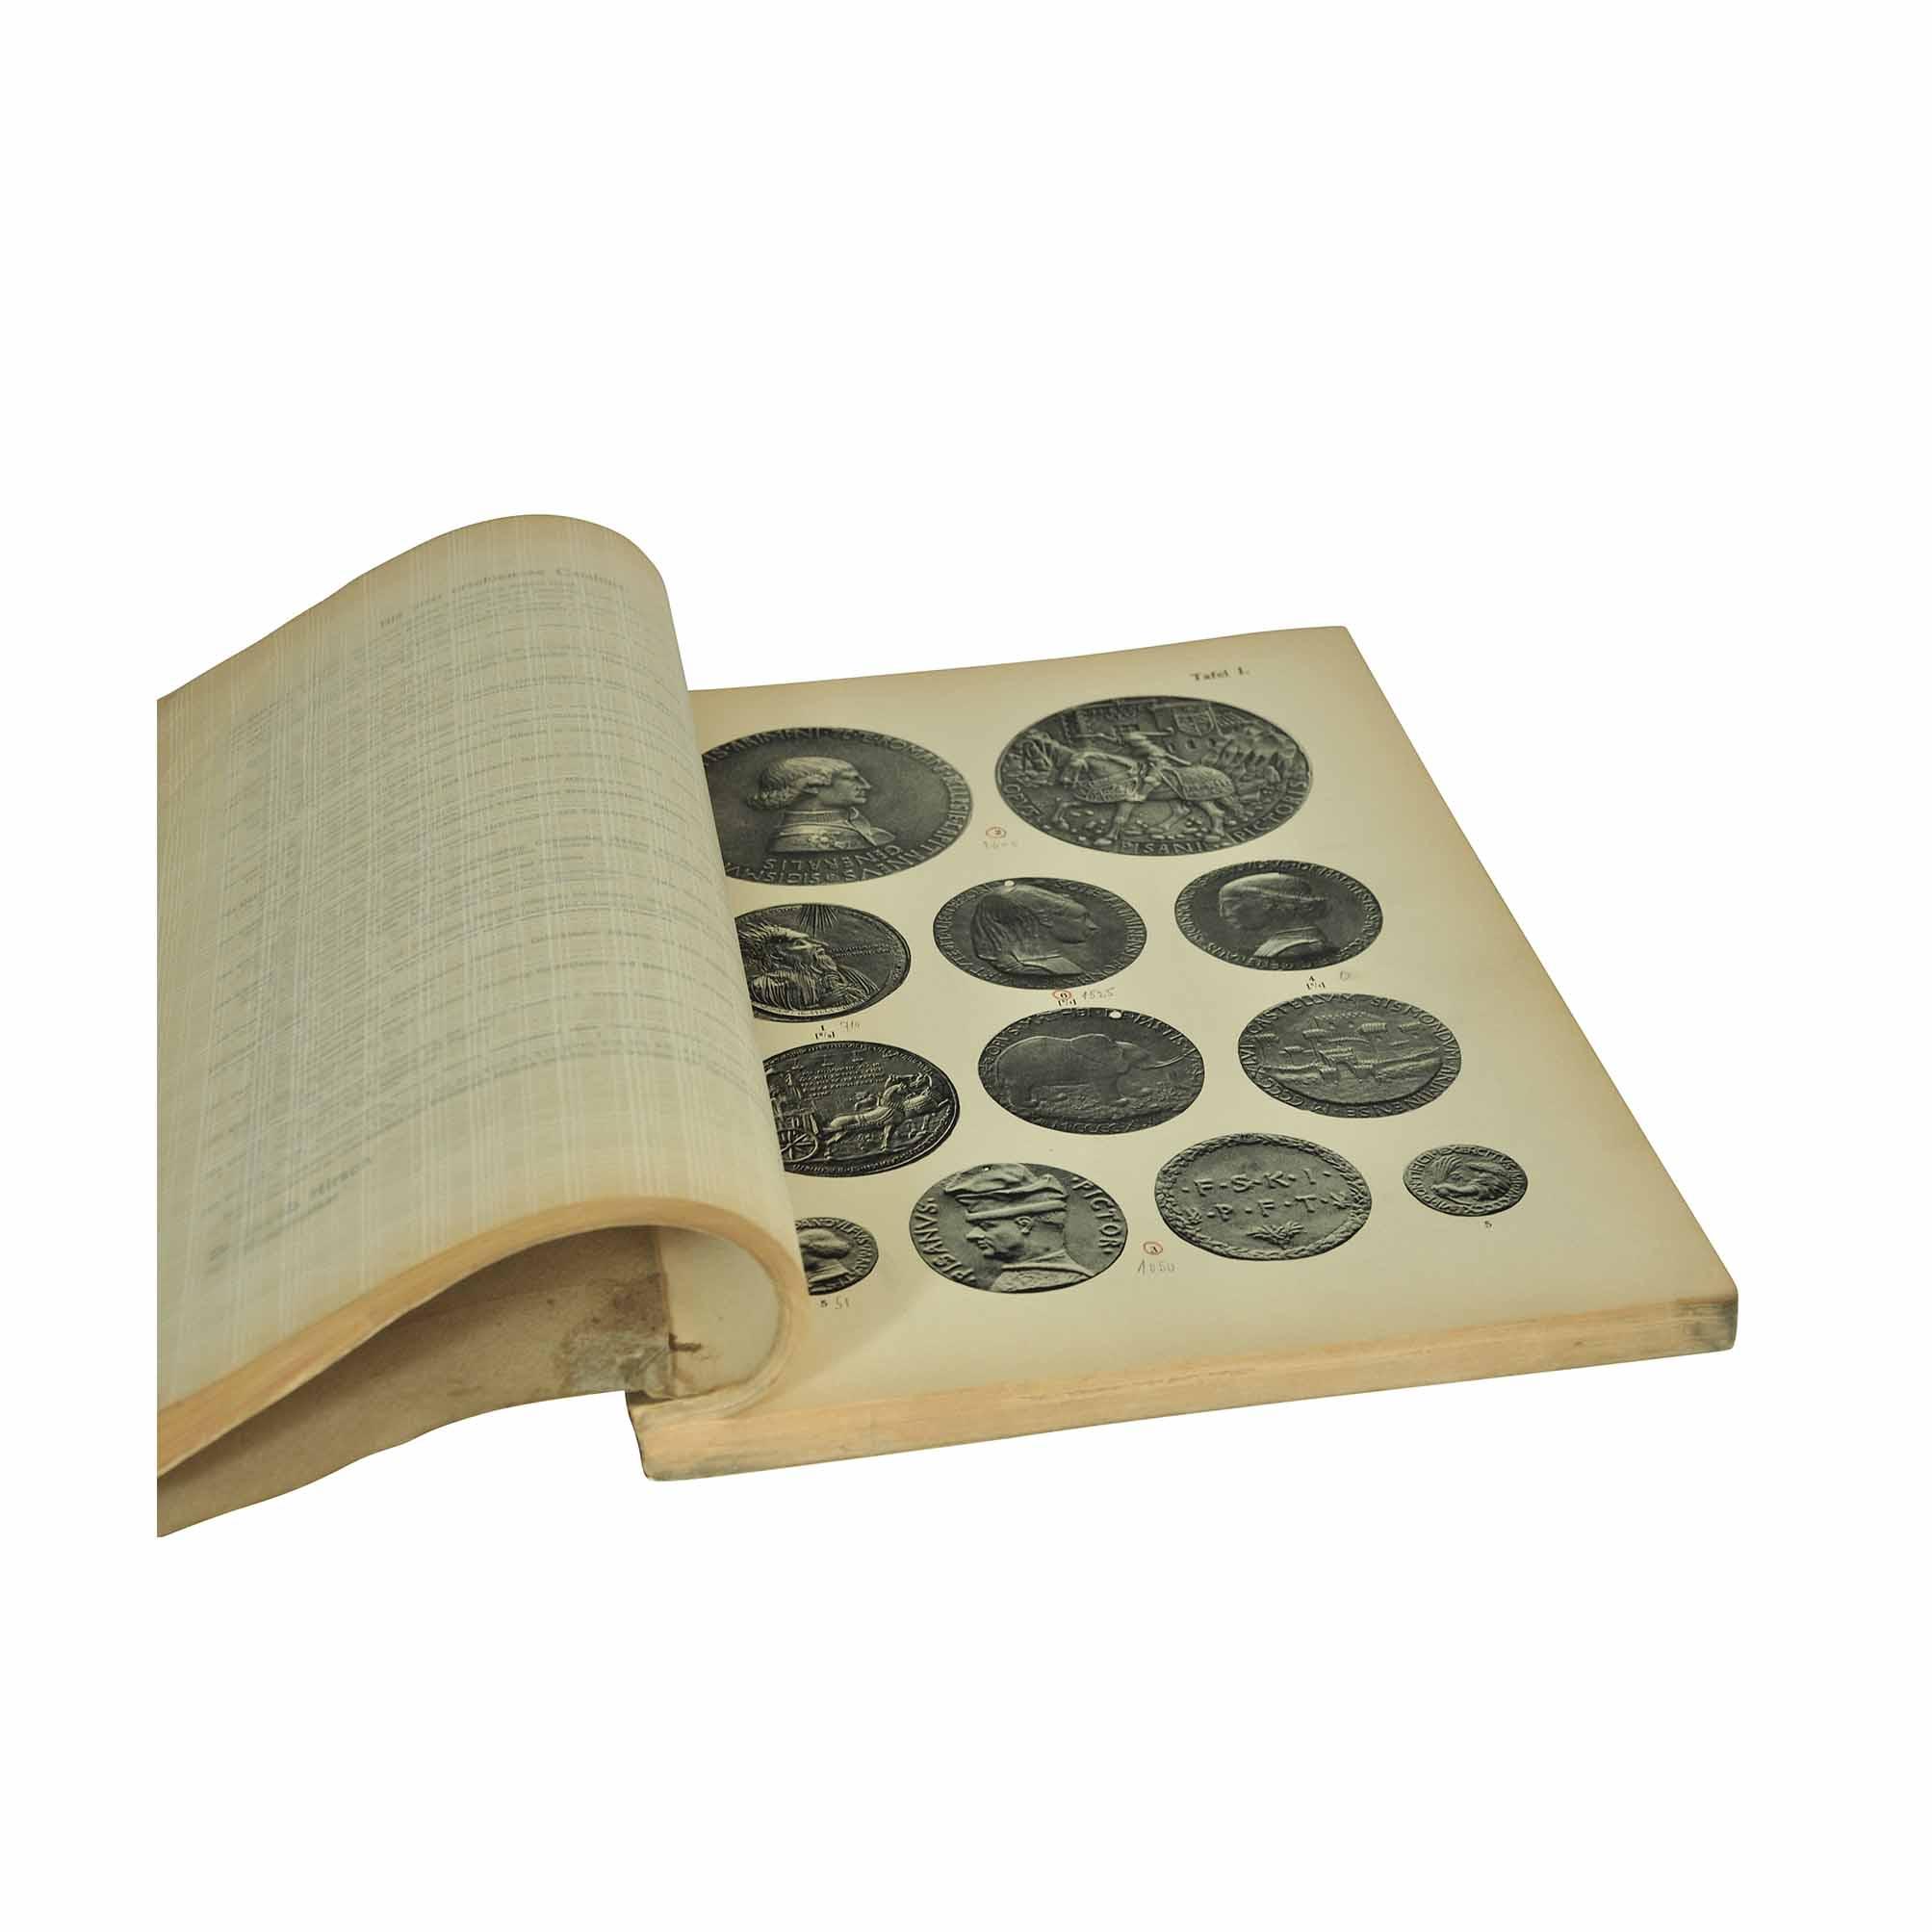 5598-Löbbecke-Medaillen-Plaketten-Auktion-1908-offen-2-N.jpg